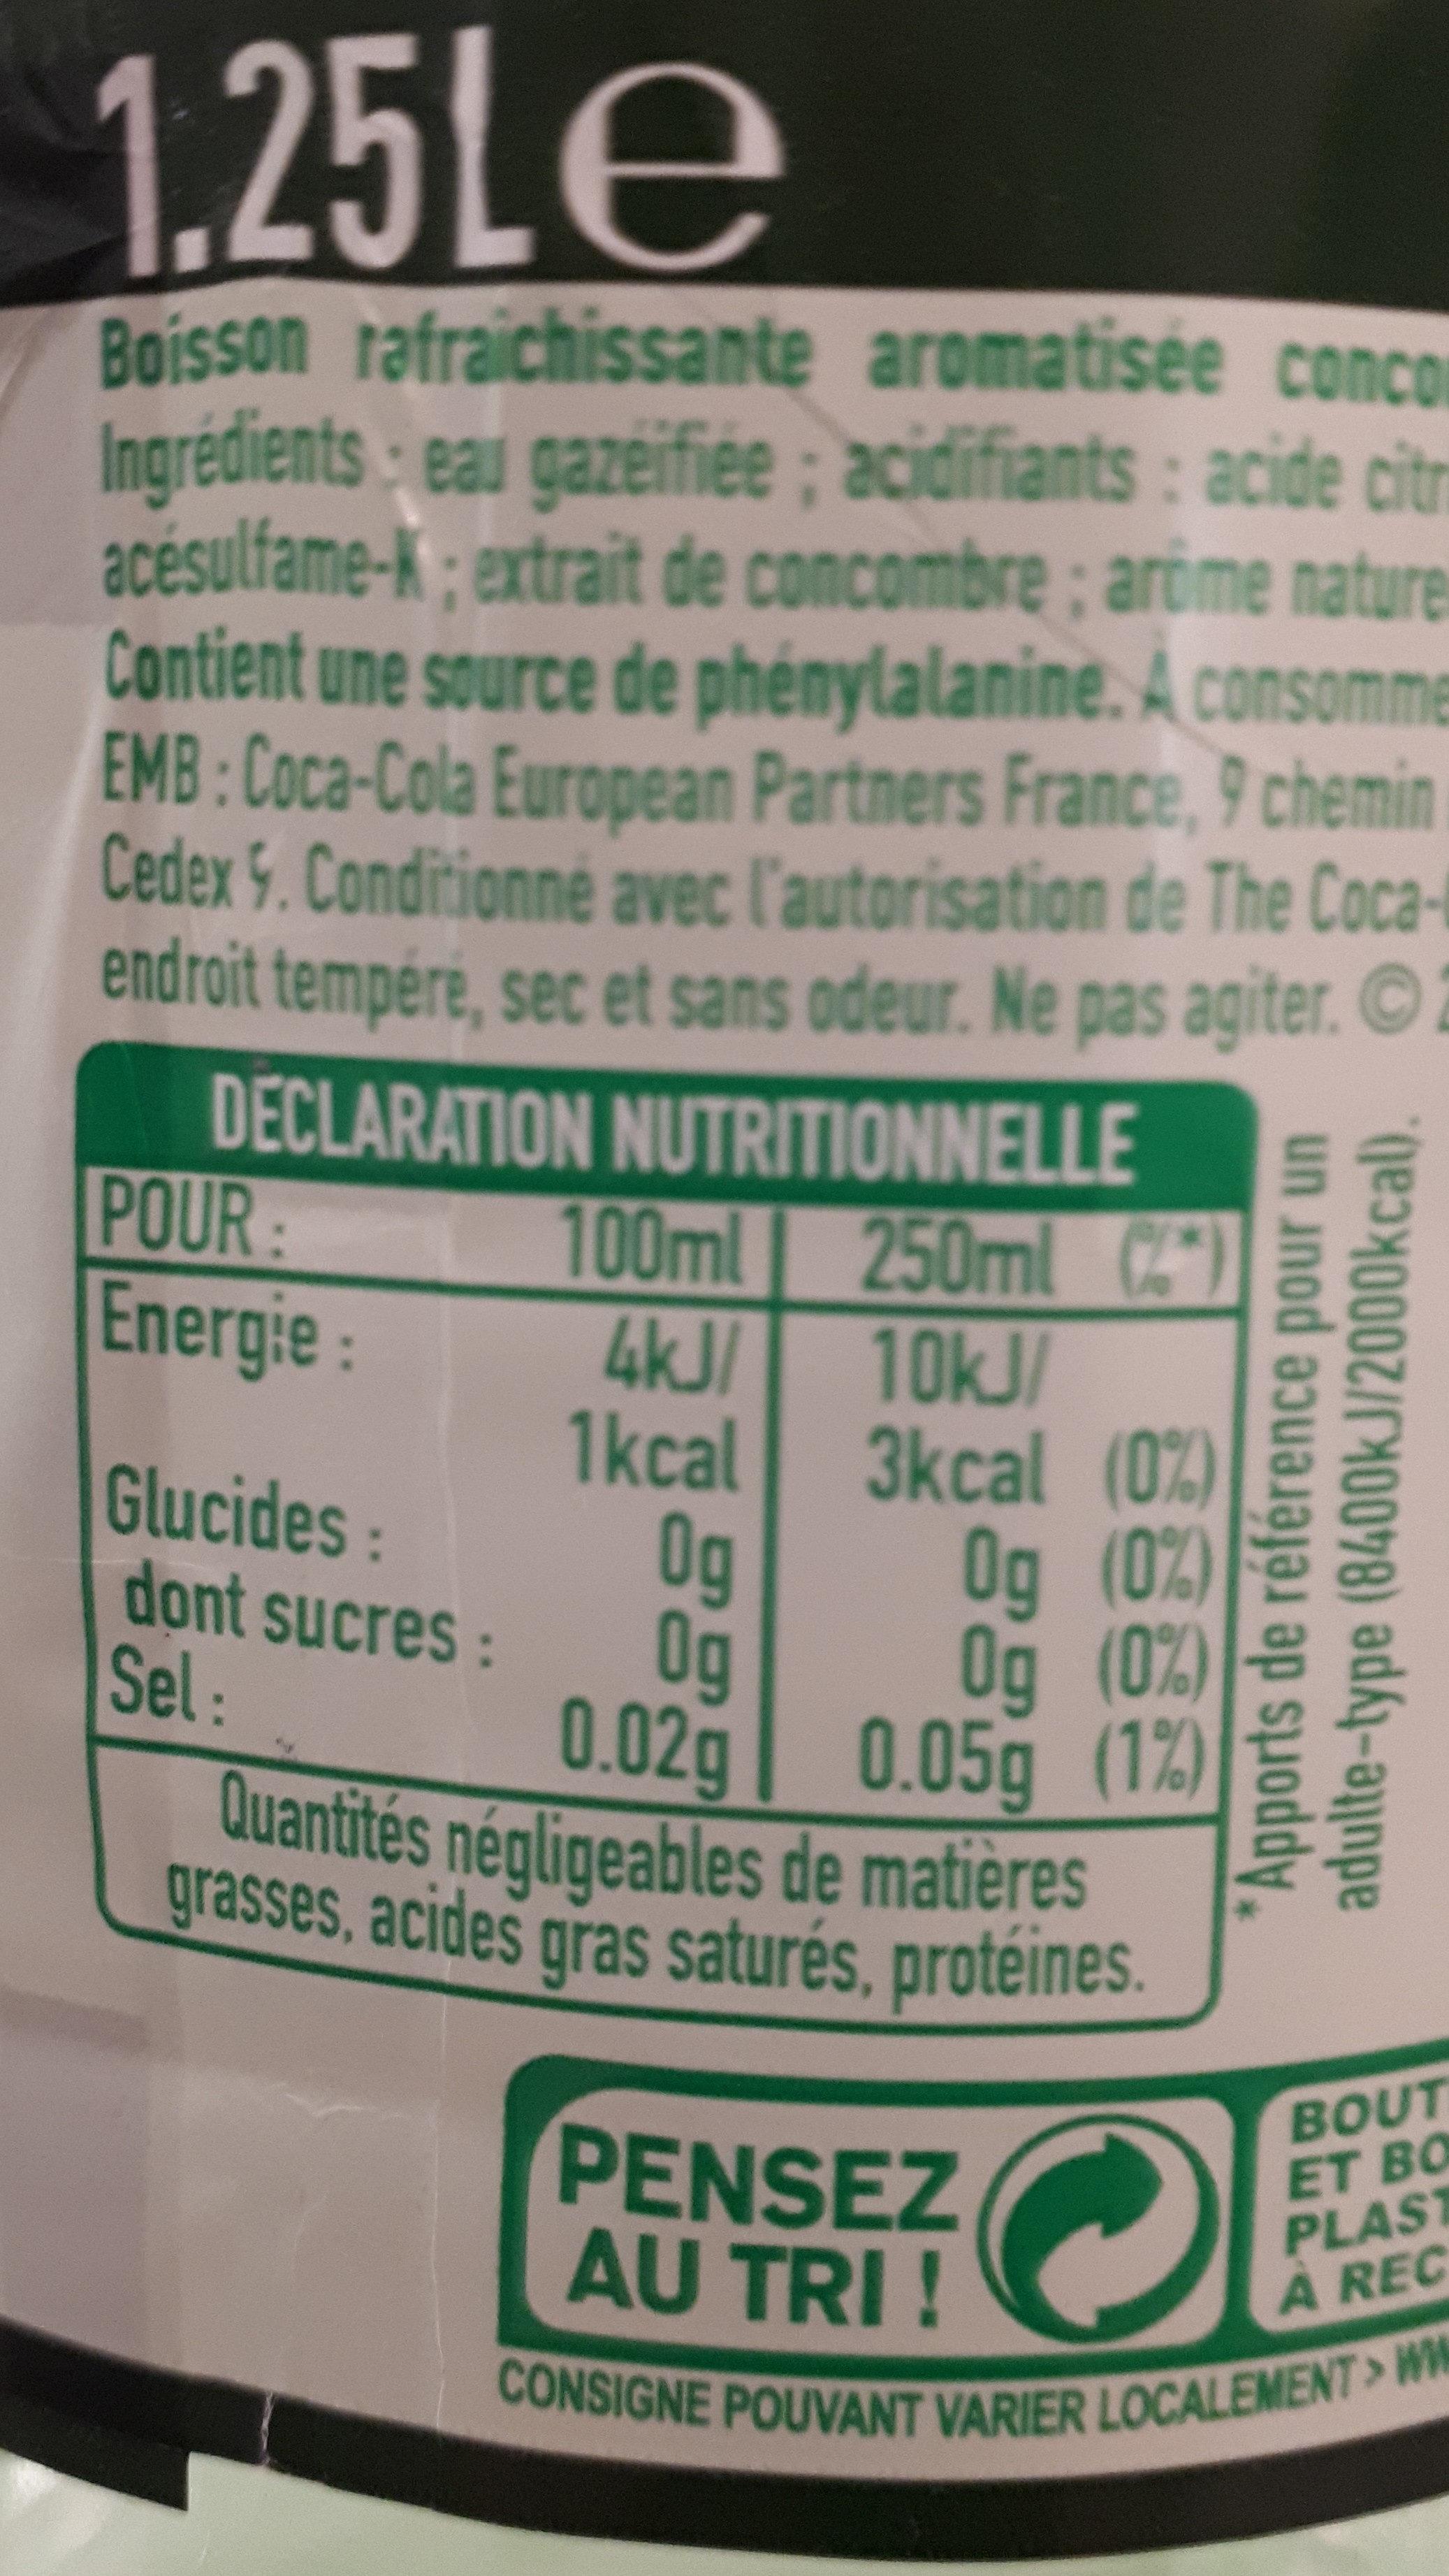 Sprite citron citron vert concombre - Nutrition facts